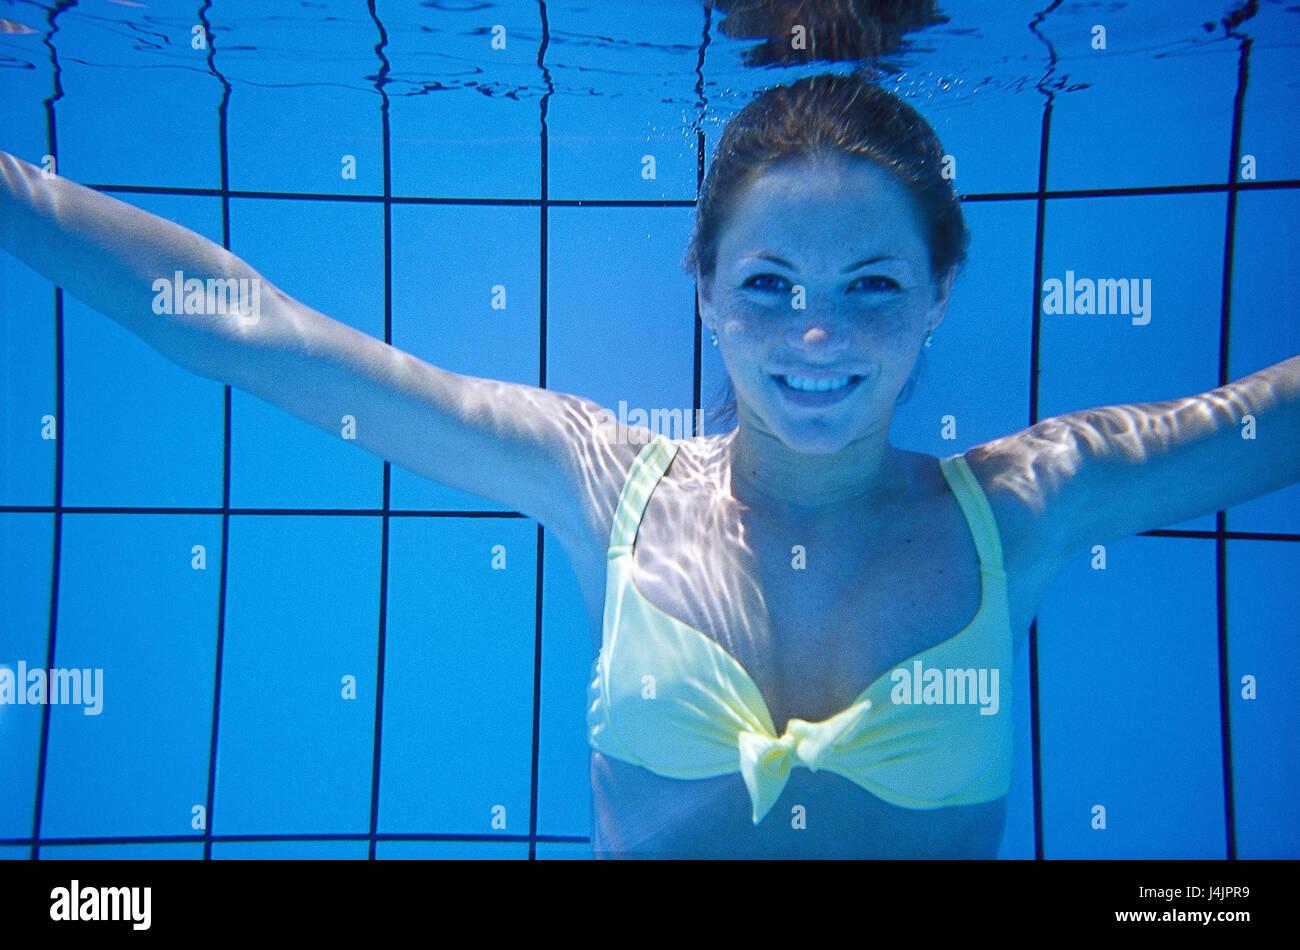 20c32ea233 Piscina, registrazione subacquea, donna, felicemente, ritratto sotto l'acqua,  piscina, piscina, piscina, giovani, vacanze, tempo libero, lifestyle,  costumi ...